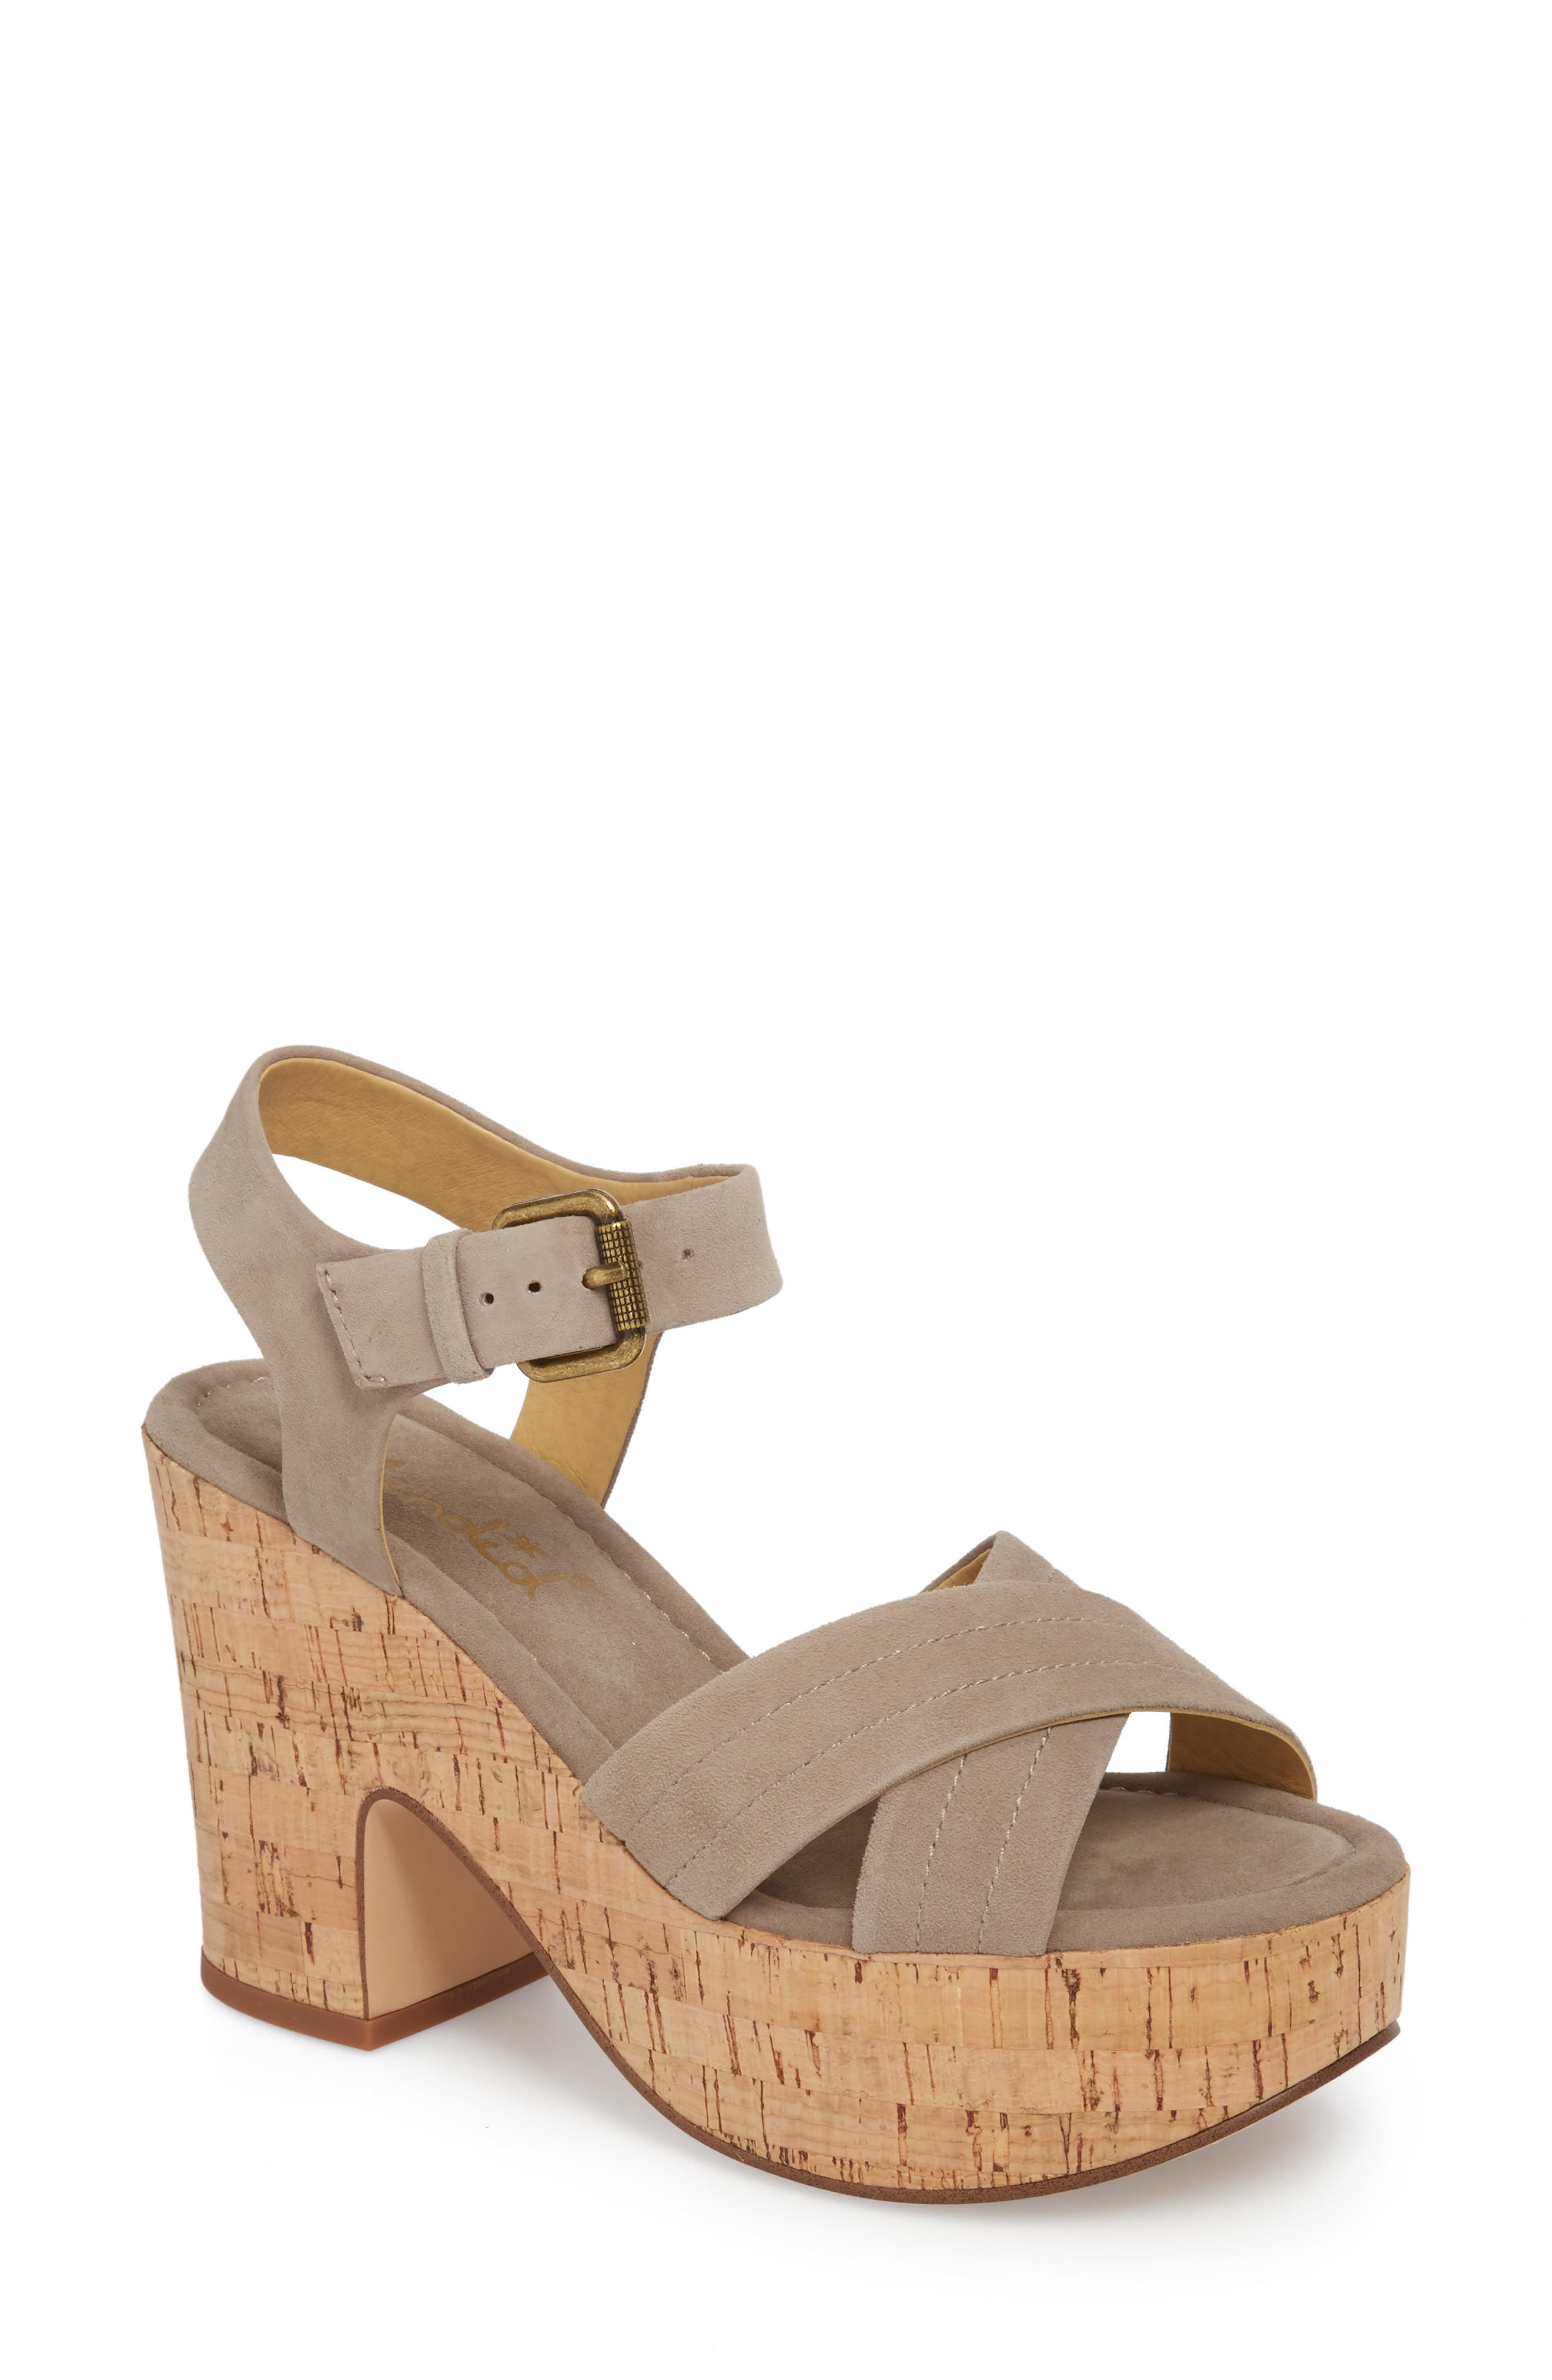 Flaire Platform Sandal,                             Main thumbnail 1, color,                             TAUPE SUEDE